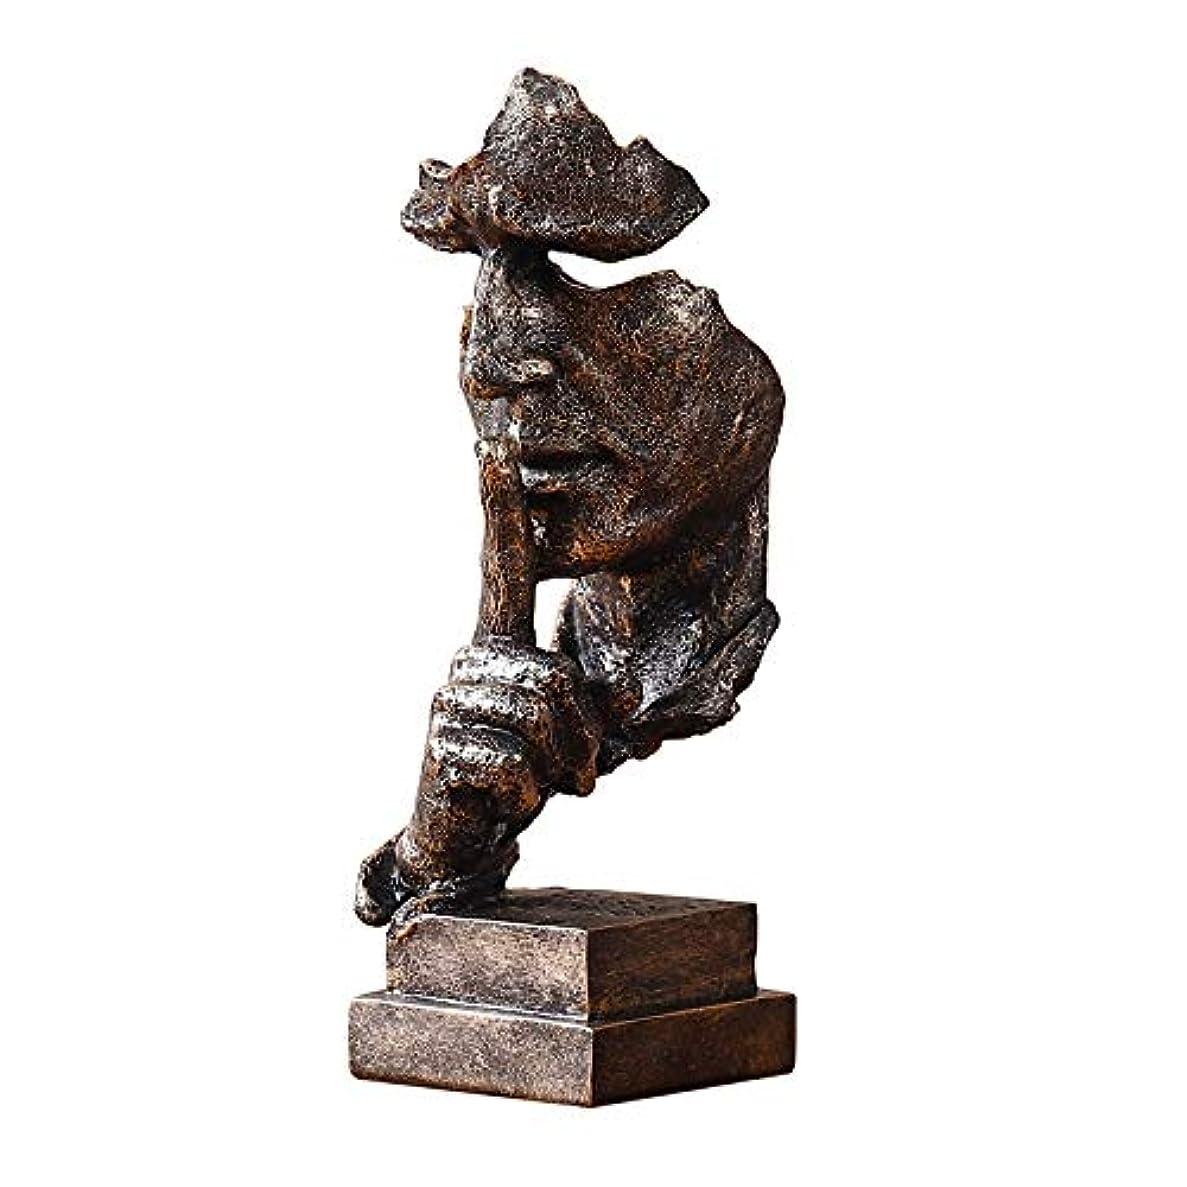 ゆるい今そうでなければ樹脂抽象彫刻沈黙はゴールデン男性像キャラクター工芸品装飾用オフィスリビングルームアートワーク,Bronze